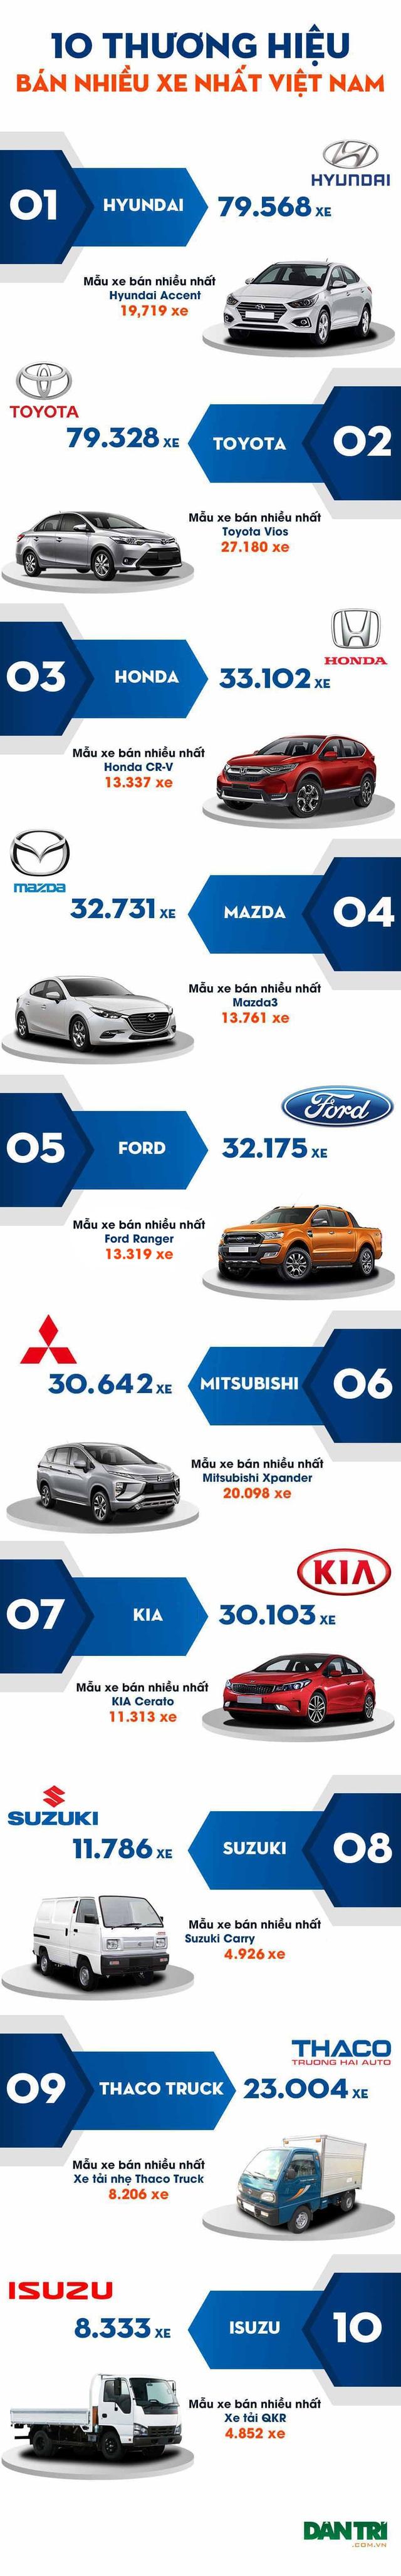 10 thương hiệu bán nhiều xe nhất Việt Nam năm 2019 - 4